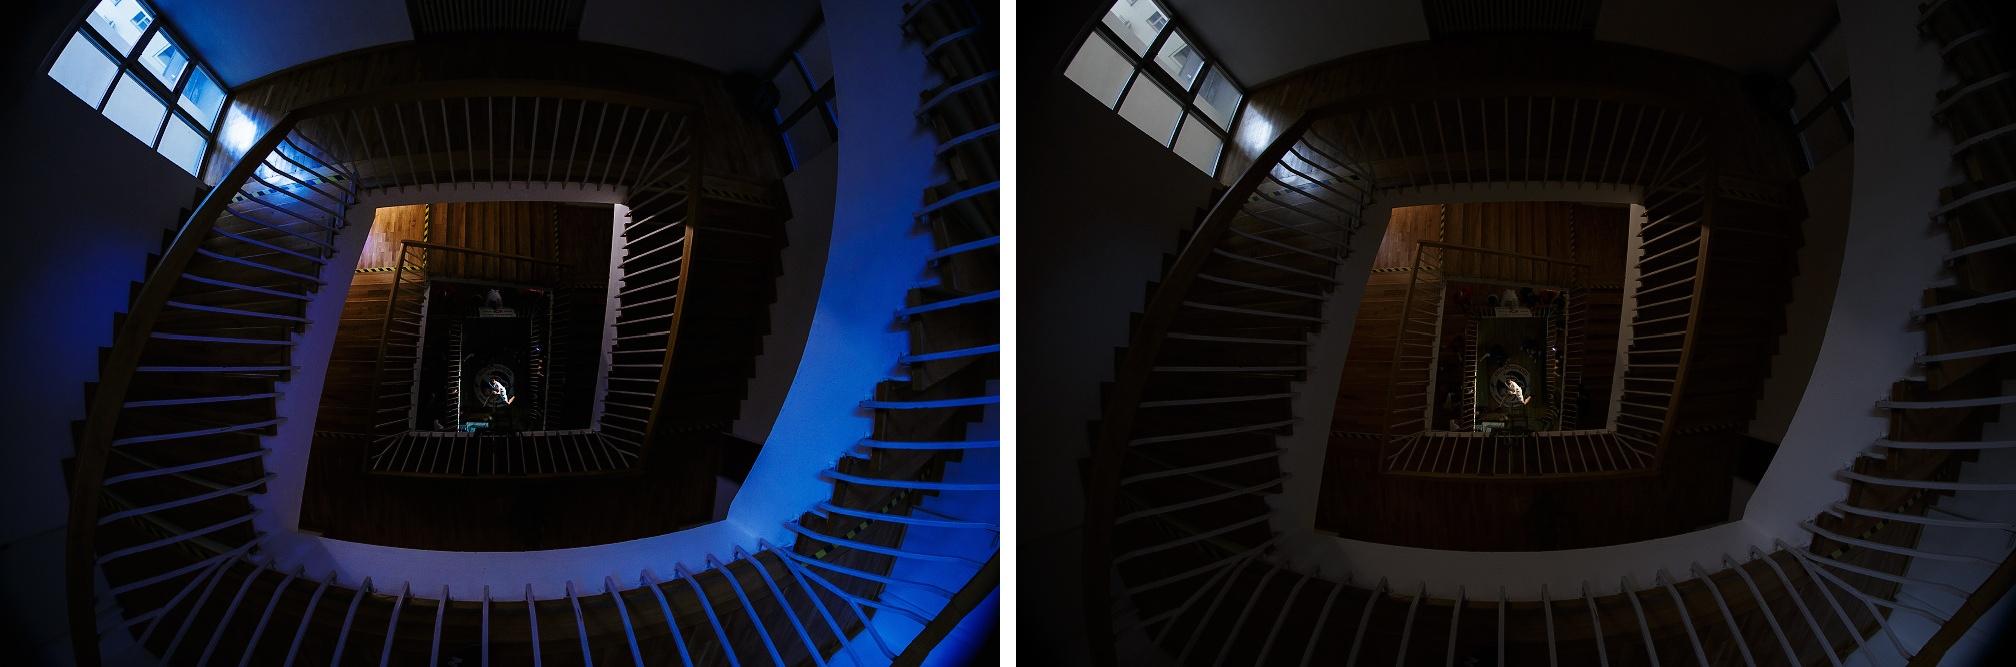 Přidání černé, kontrast, vytažení modré a purpurové, zesvětlení horní části schodiště